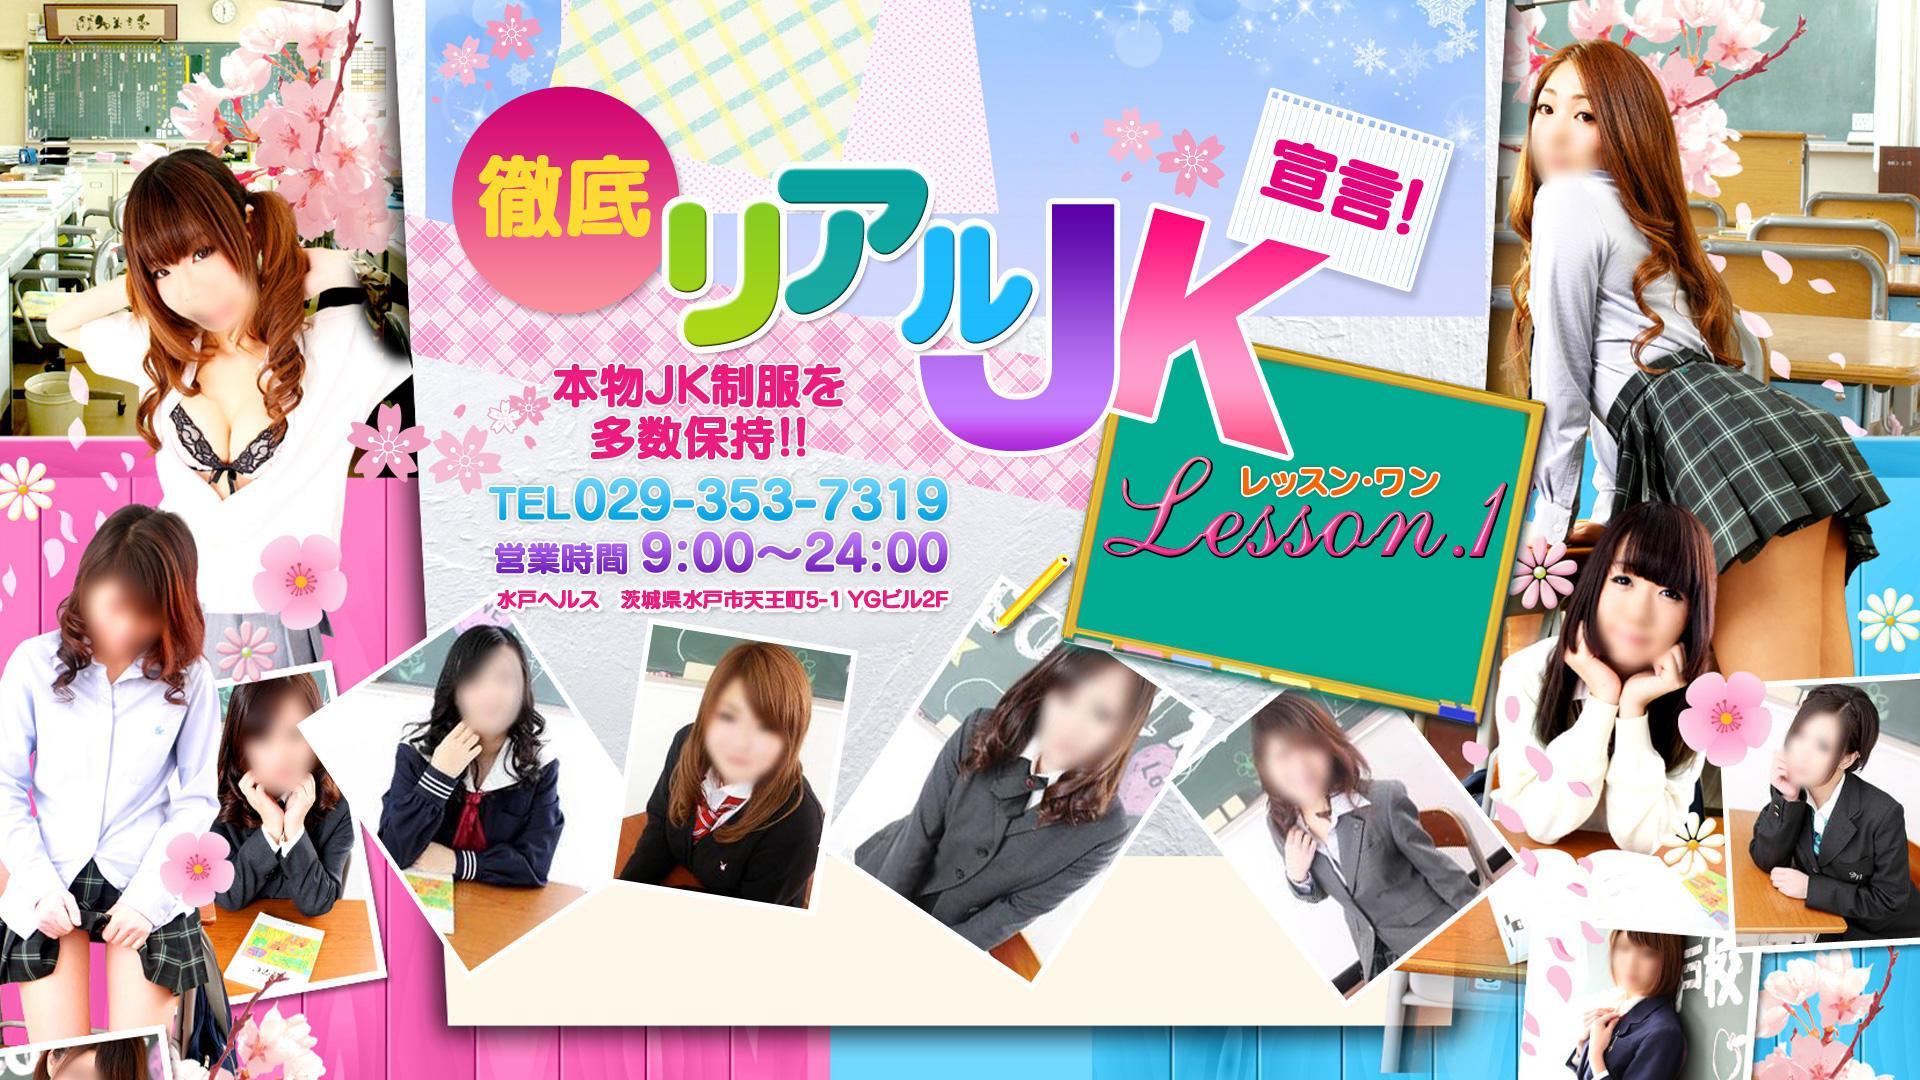 Lesson.1 水戸校